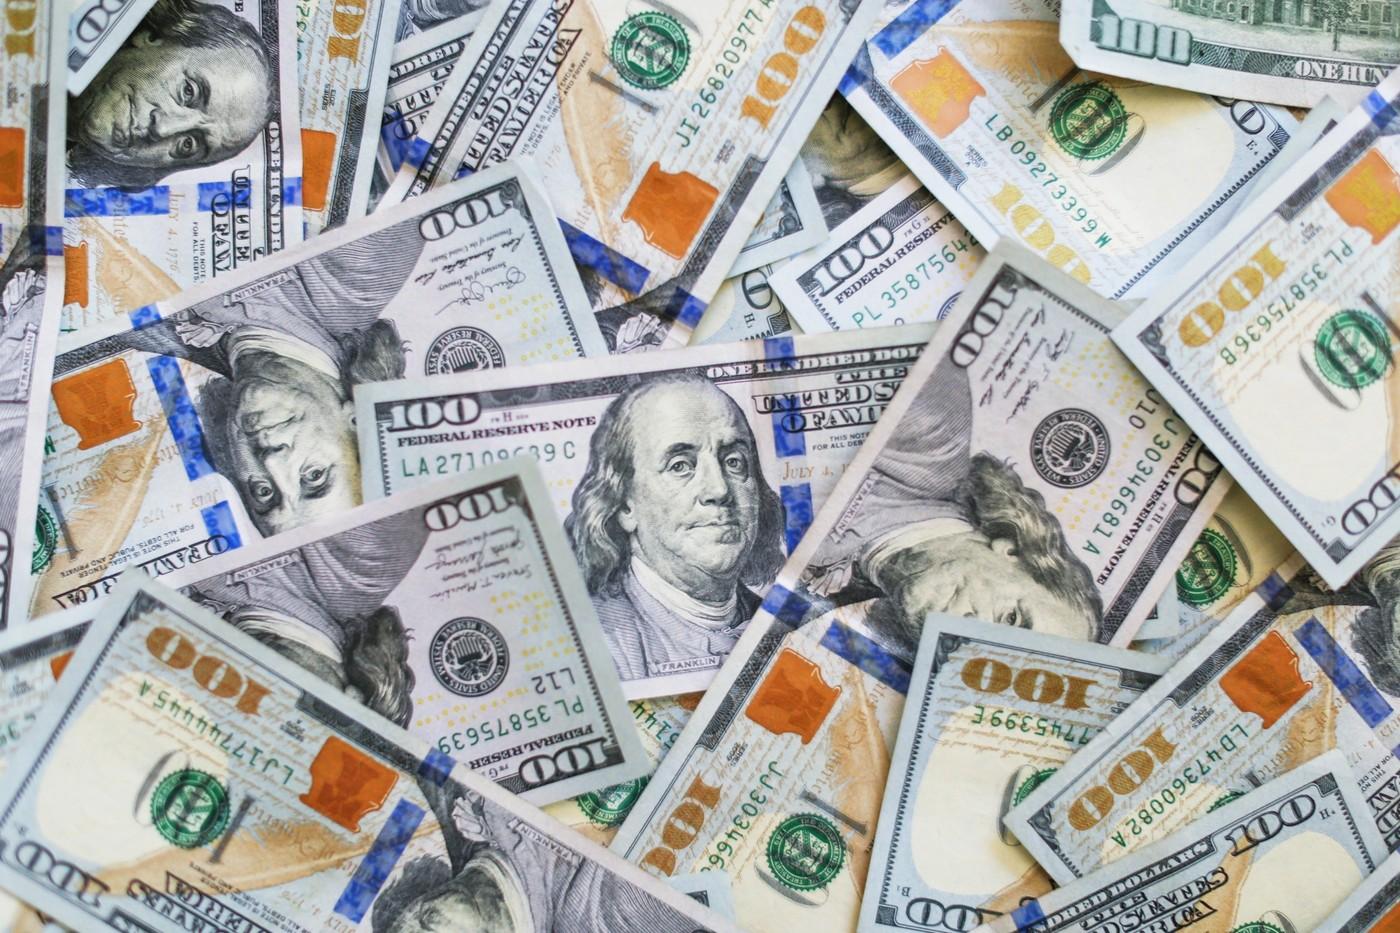 Des billets de dollars americains et frais bancaires